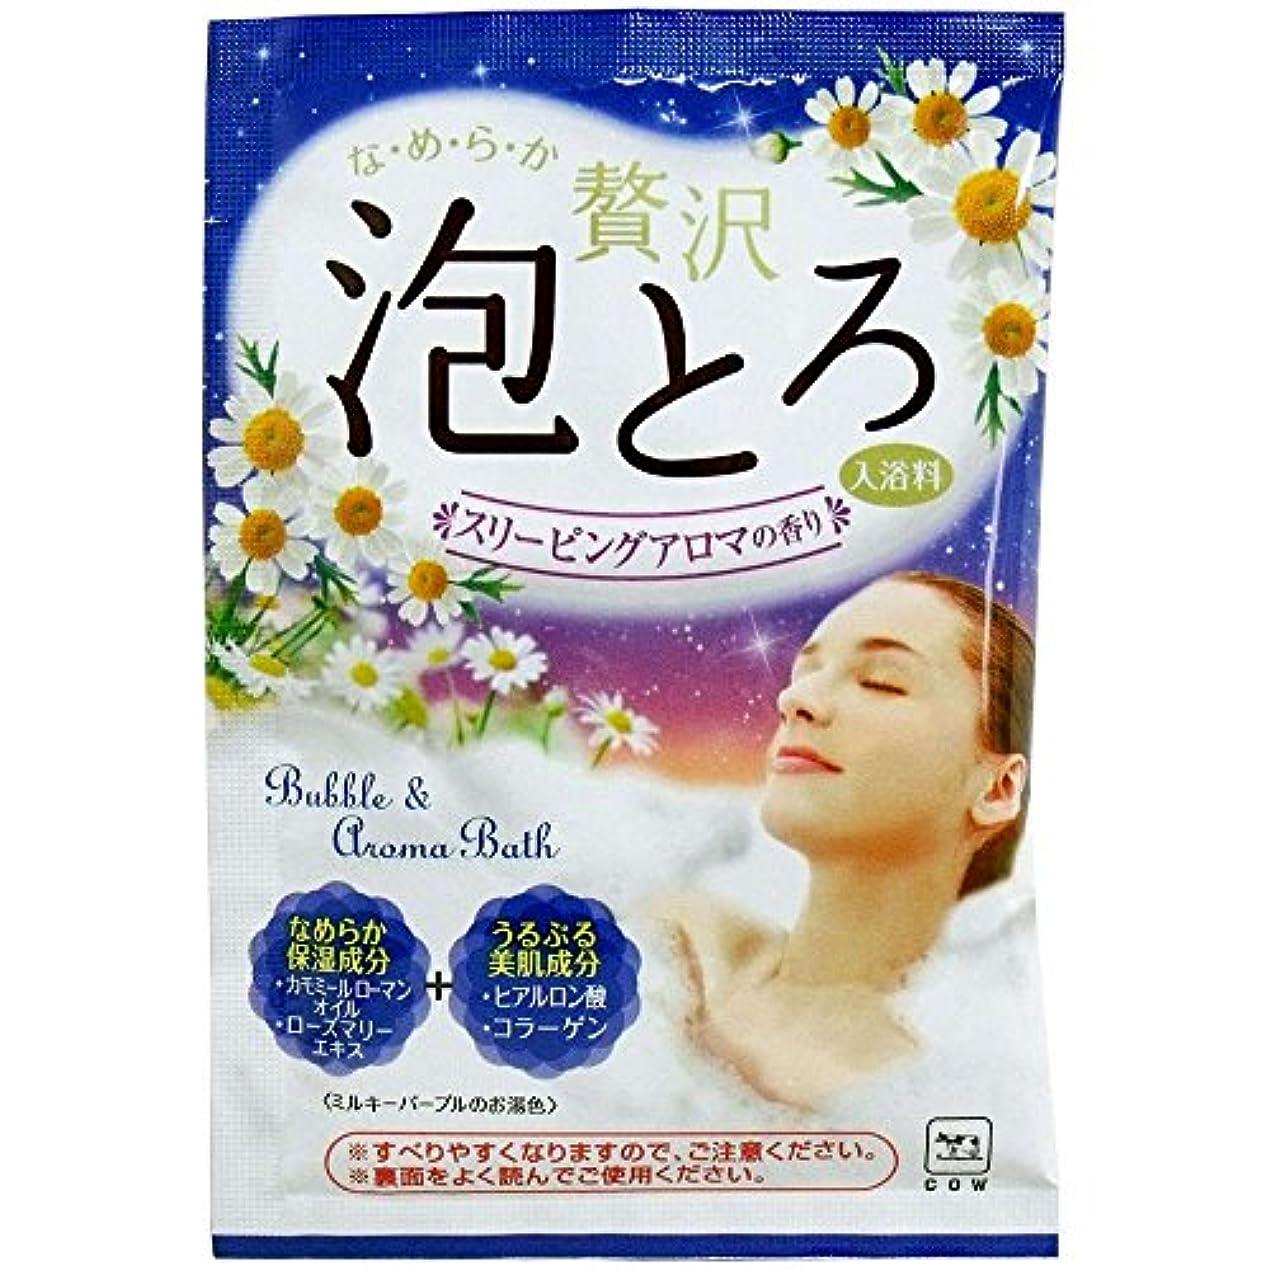 不誠実ロータリーグラフ牛乳石鹸 お湯物語 贅沢泡とろ 入浴料 スリーピングアロマ 30g